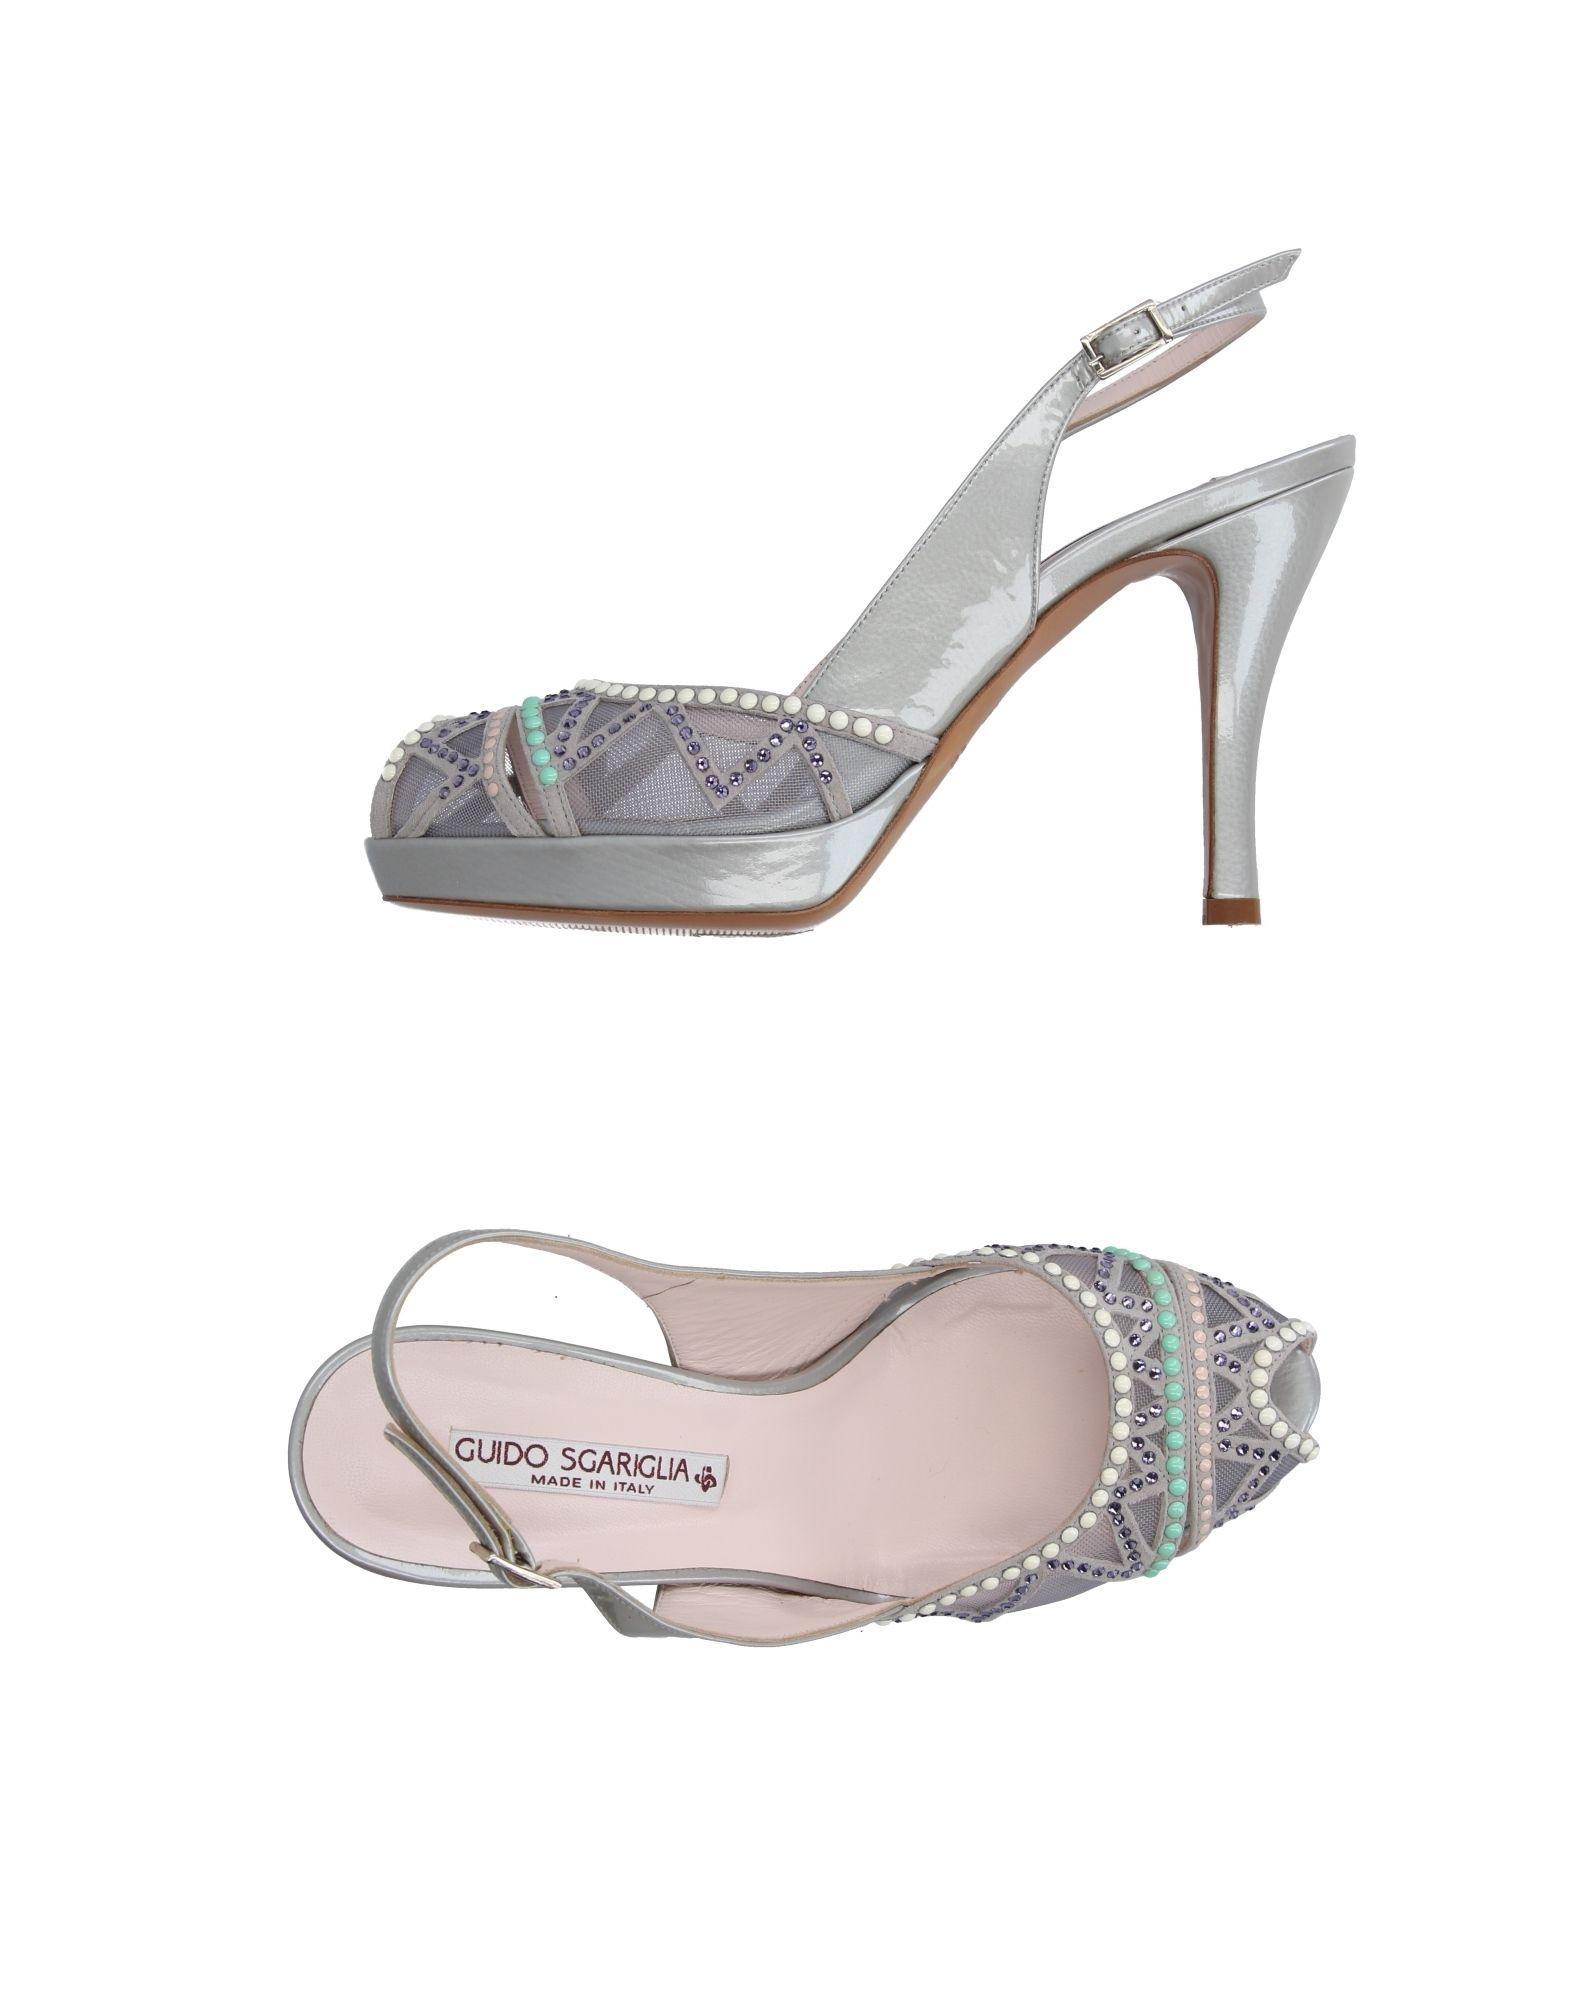 Gut um Sandalen billige Schuhe zu tragenGuido Sgariglia Sandalen um Damen  11213596OR 1bff80